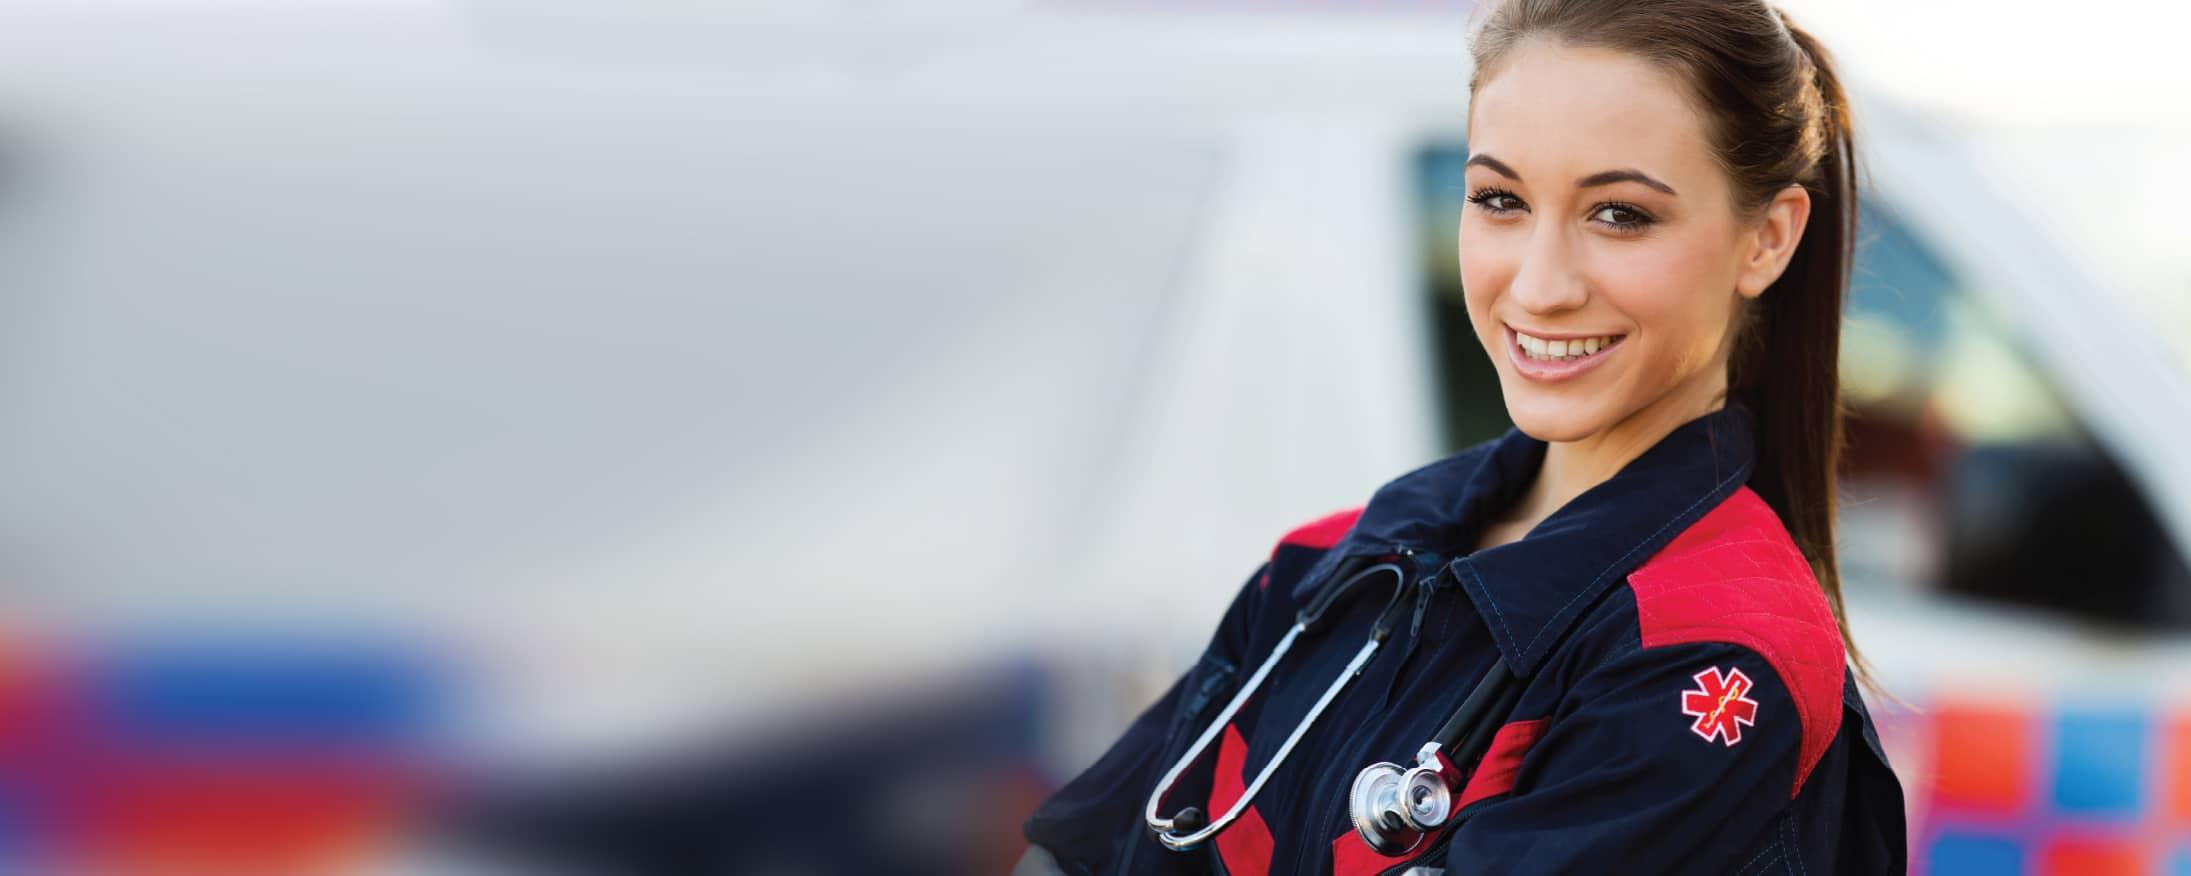 IFS-Website-Slider_Paramedic